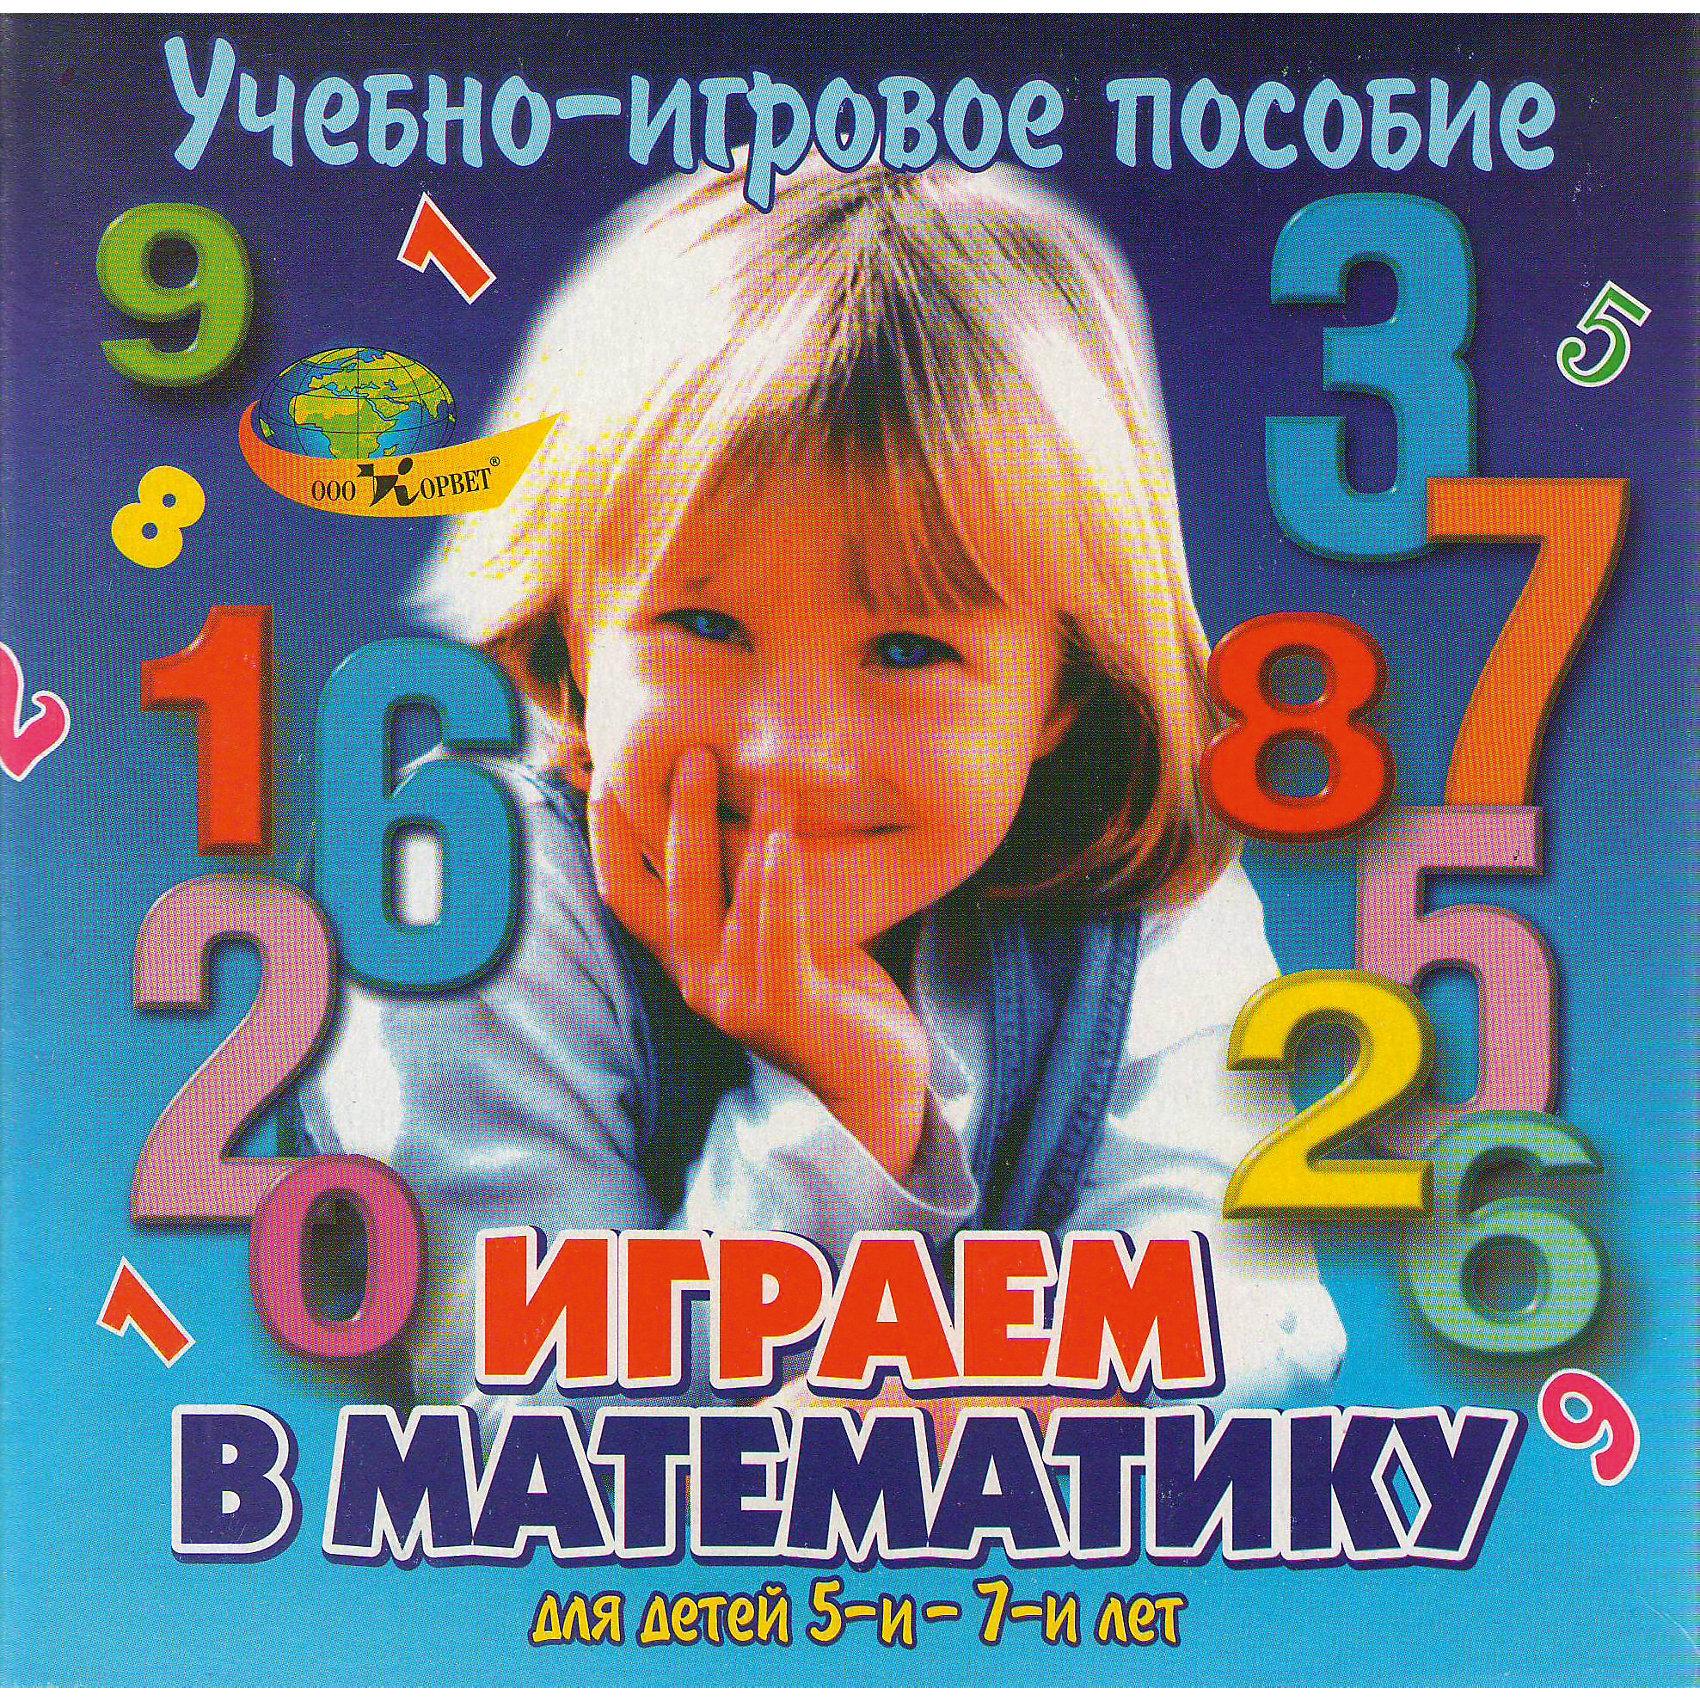 Учебно-игровое пособие Играем в математикуНазначение игрового пособия состоит в освоении детьми цифр и умений применять их в игровой и результативной деятельности:<br>• при обозначении ими количества;<br>• сравнении множеств и чисел;<br>• выделении отношений чисел натурального ряда;<br>• последовательности и зависимости чисел;<br>• обозначения местонахождения предмета (координат);<br>• шифровки и расшифровки информации, заданной в цифрах и буквах.<br>Состав: Пластмассовые цифры от 0 до 9, трех цветов и двух размеров<br>Методические рекомендации, а также  карты и  карточки для работы с цифрами.<br><br>Ширина мм: 30<br>Глубина мм: 21<br>Высота мм: 4<br>Вес г: 220<br>Возраст от месяцев: 60<br>Возраст до месяцев: 84<br>Пол: Унисекс<br>Возраст: Детский<br>SKU: 4803006